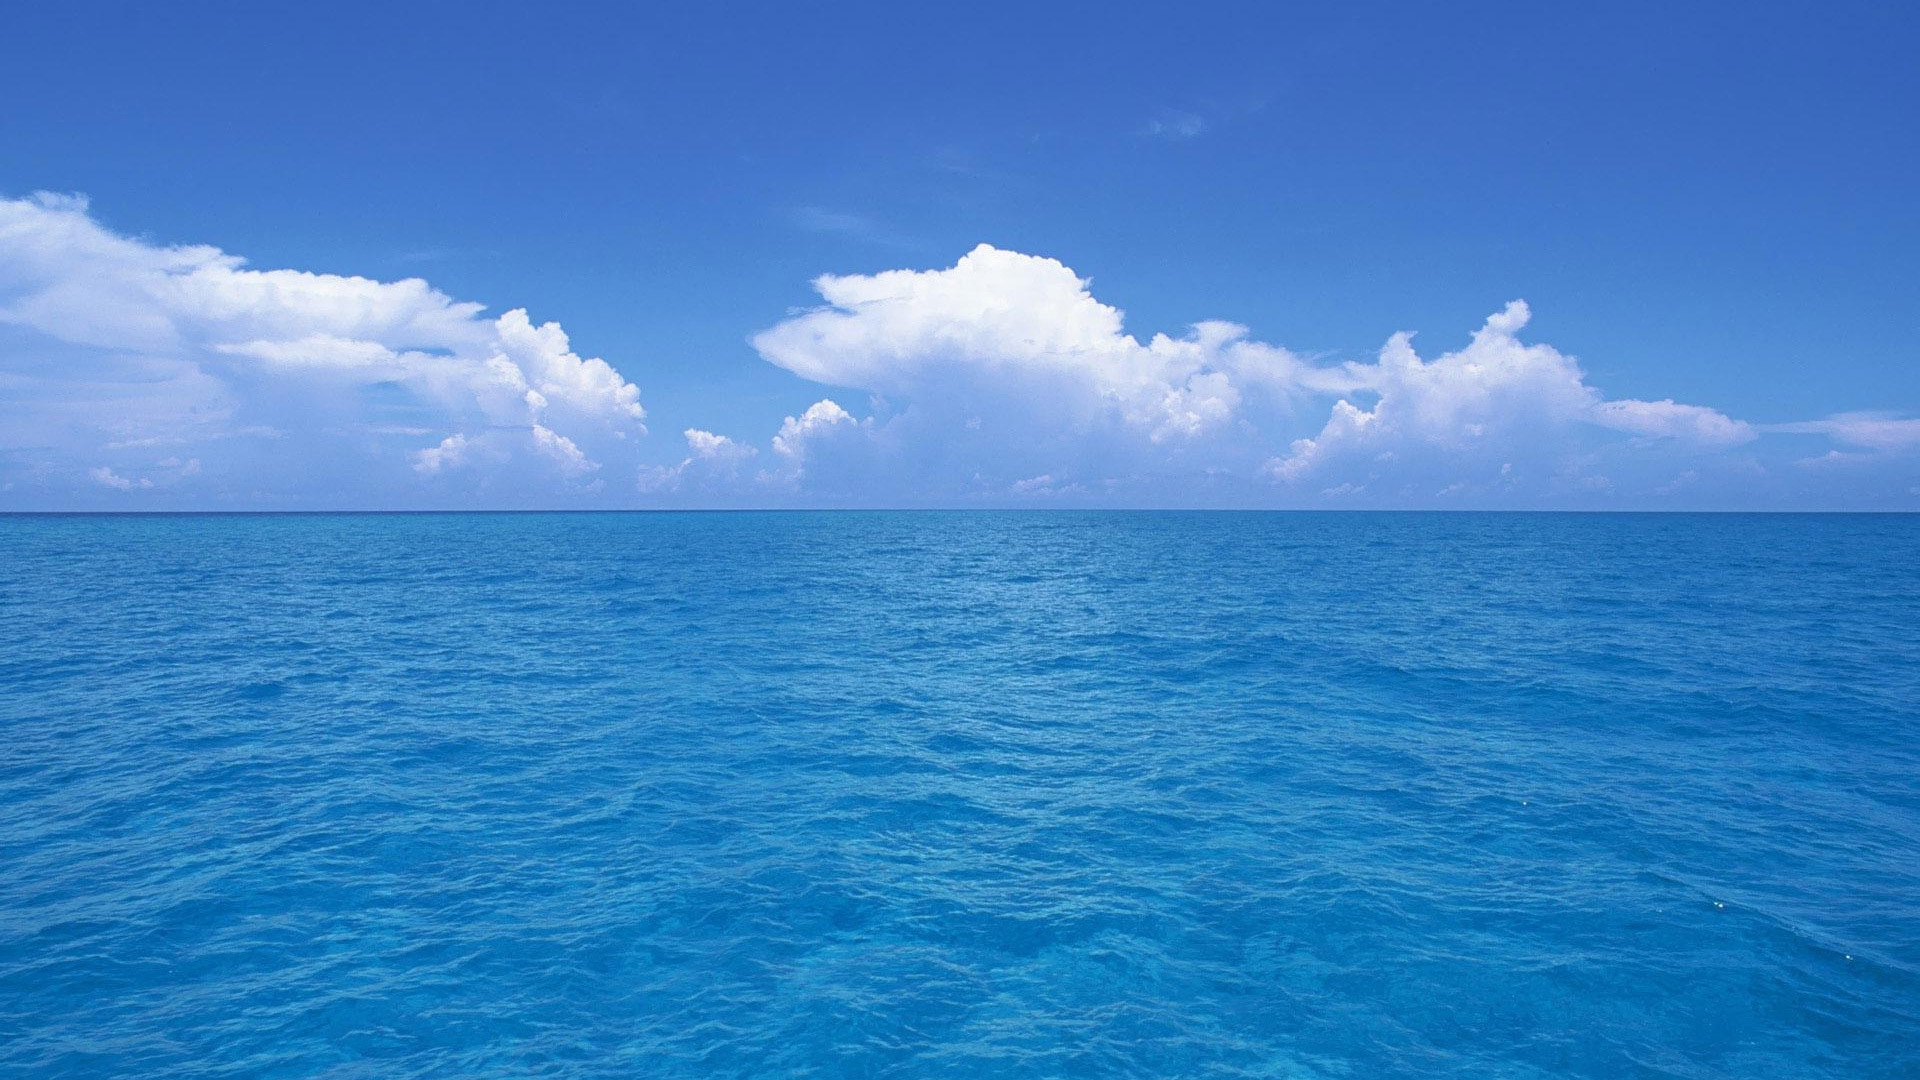 28527 скачать обои Пейзаж, Море, Облака - заставки и картинки бесплатно